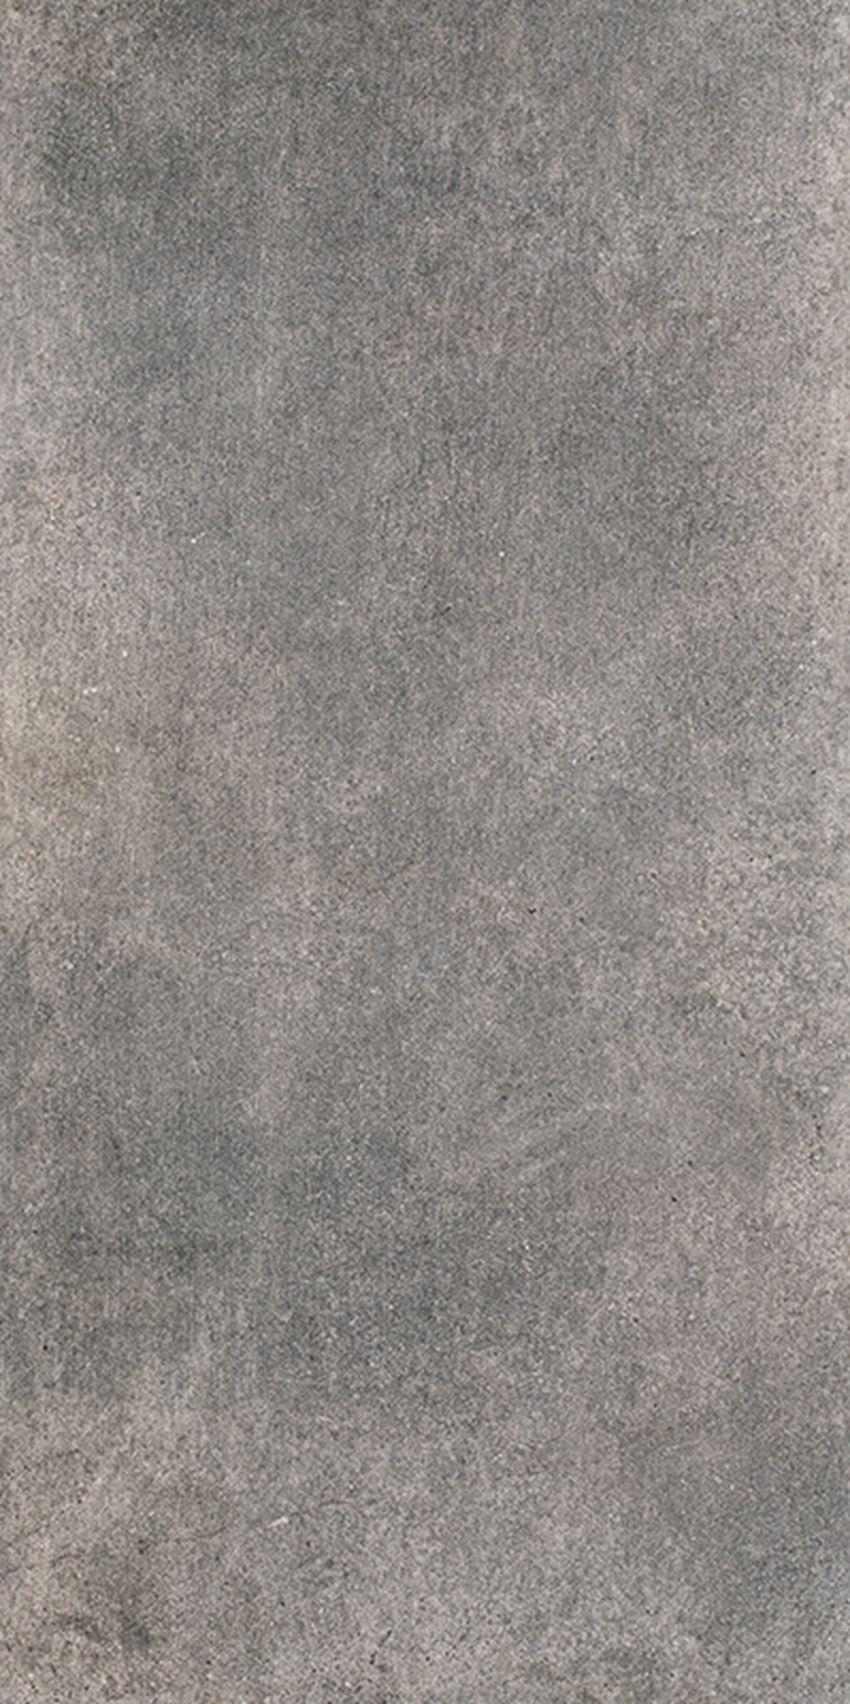 Płytka ścienno-podłogowa 29,8x59,8 cm Paradyż Riversand Grafit Gres Szkl. Rekt. Półpoler